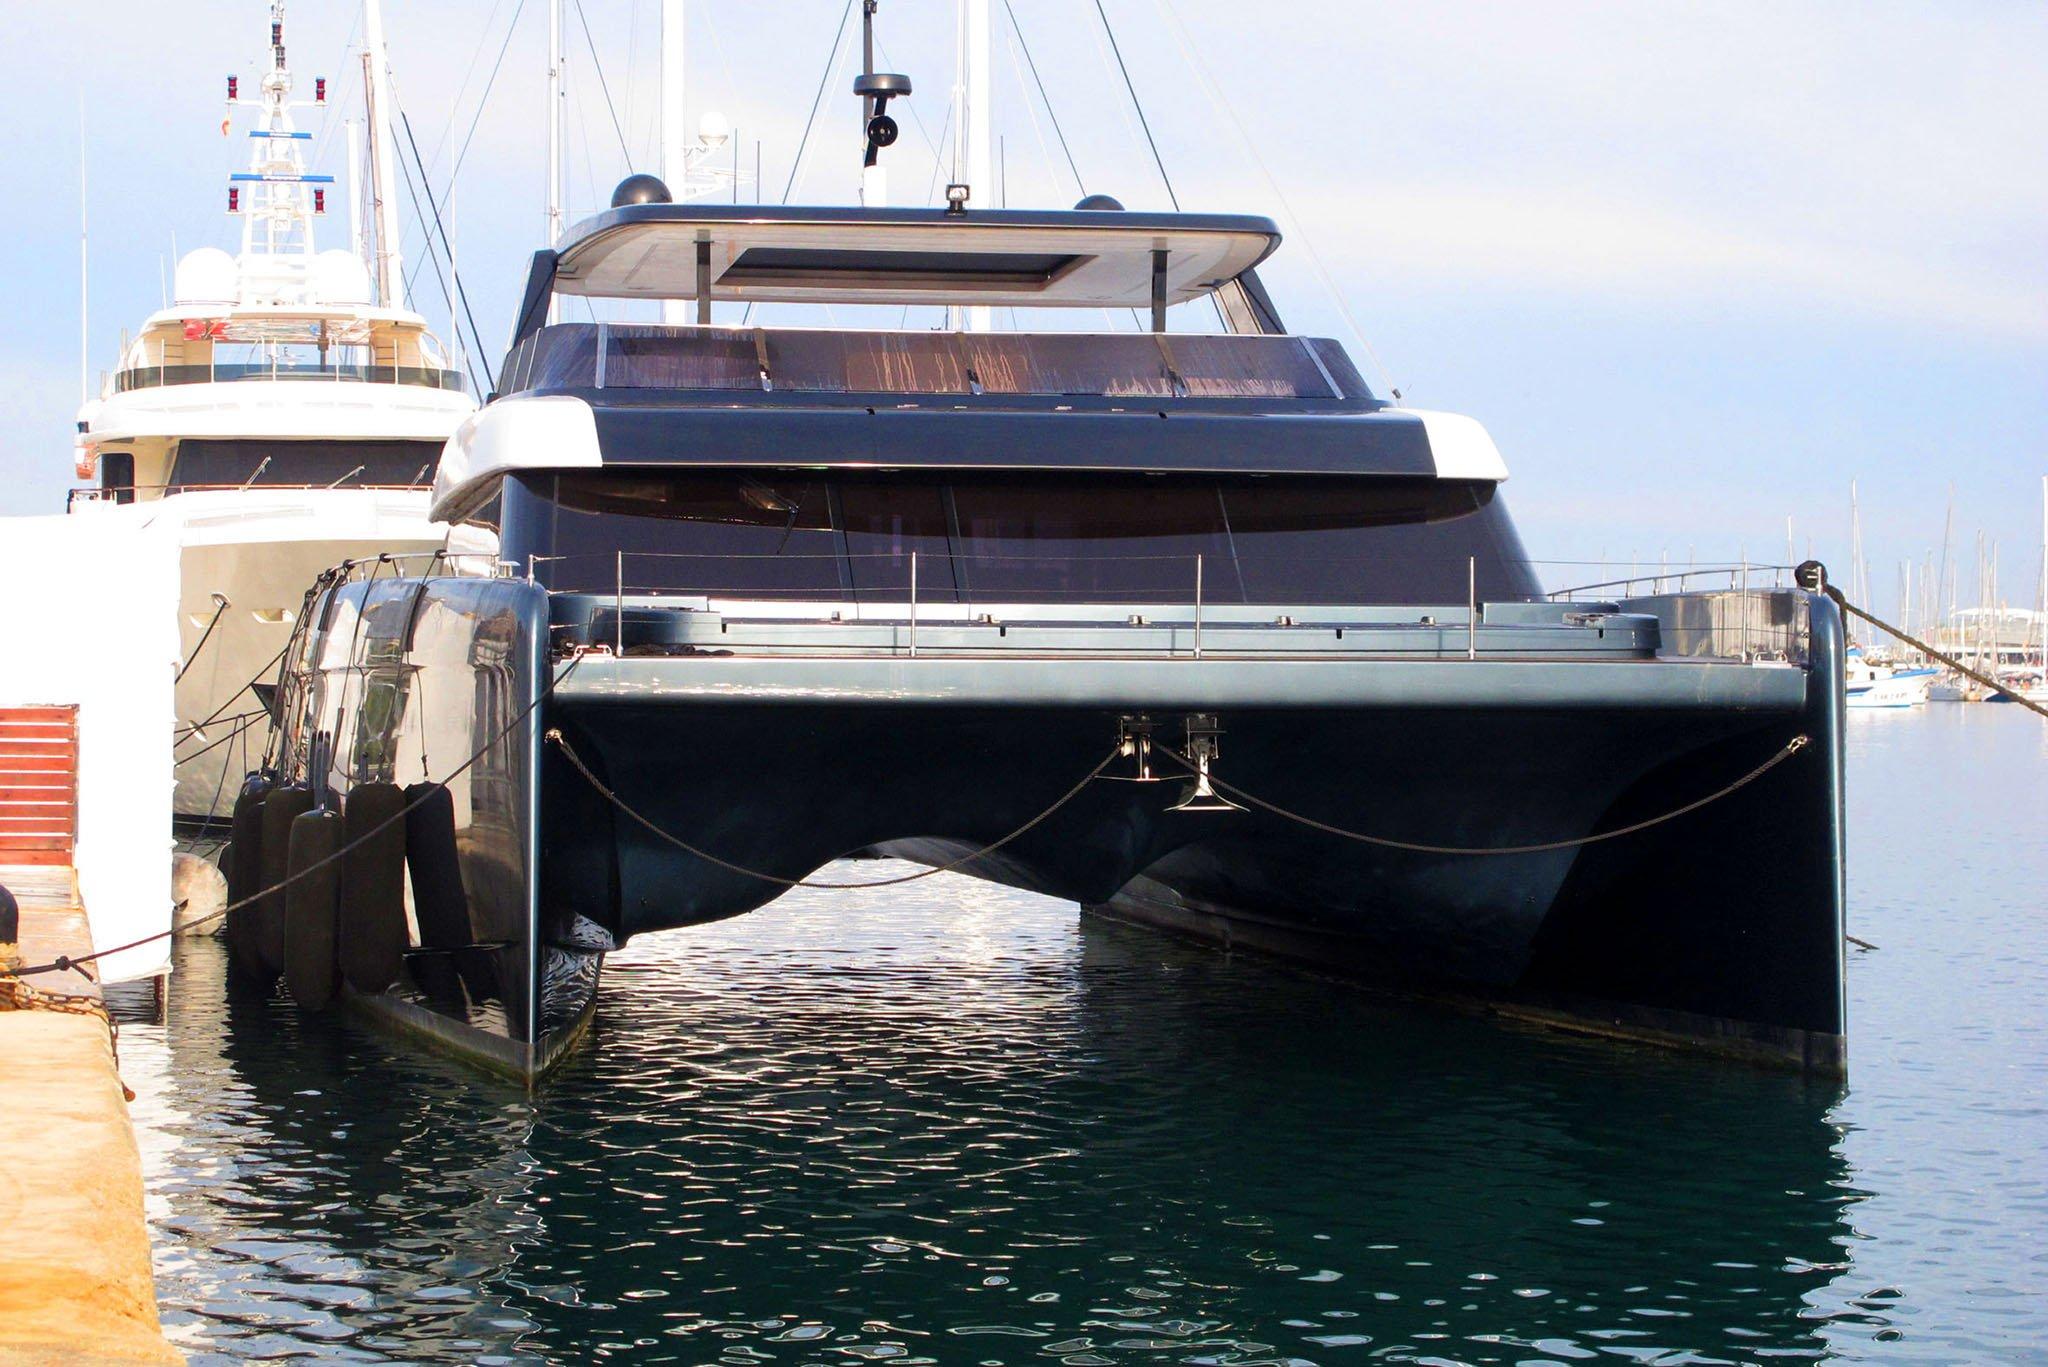 Front view of Rafa Nadal's catamaran